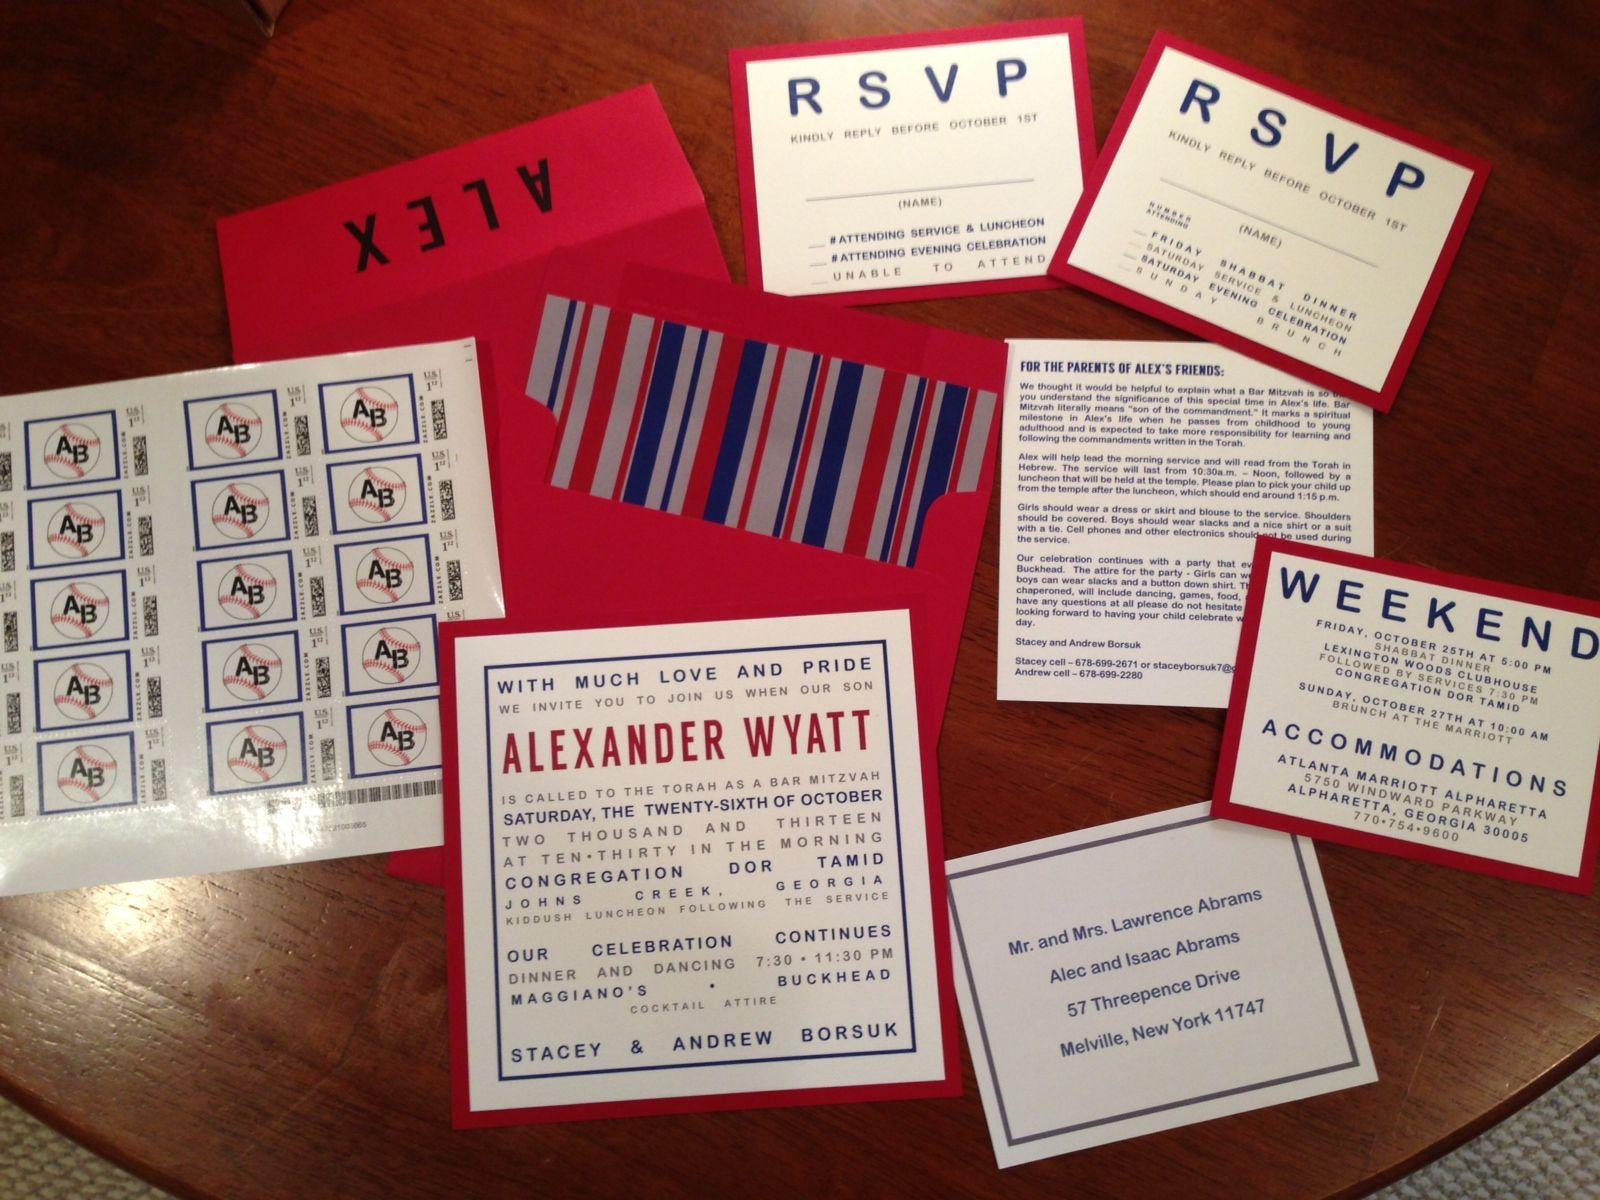 Baseball Themed Bar Mitzvah Invitations | Invitations | Pinterest ...